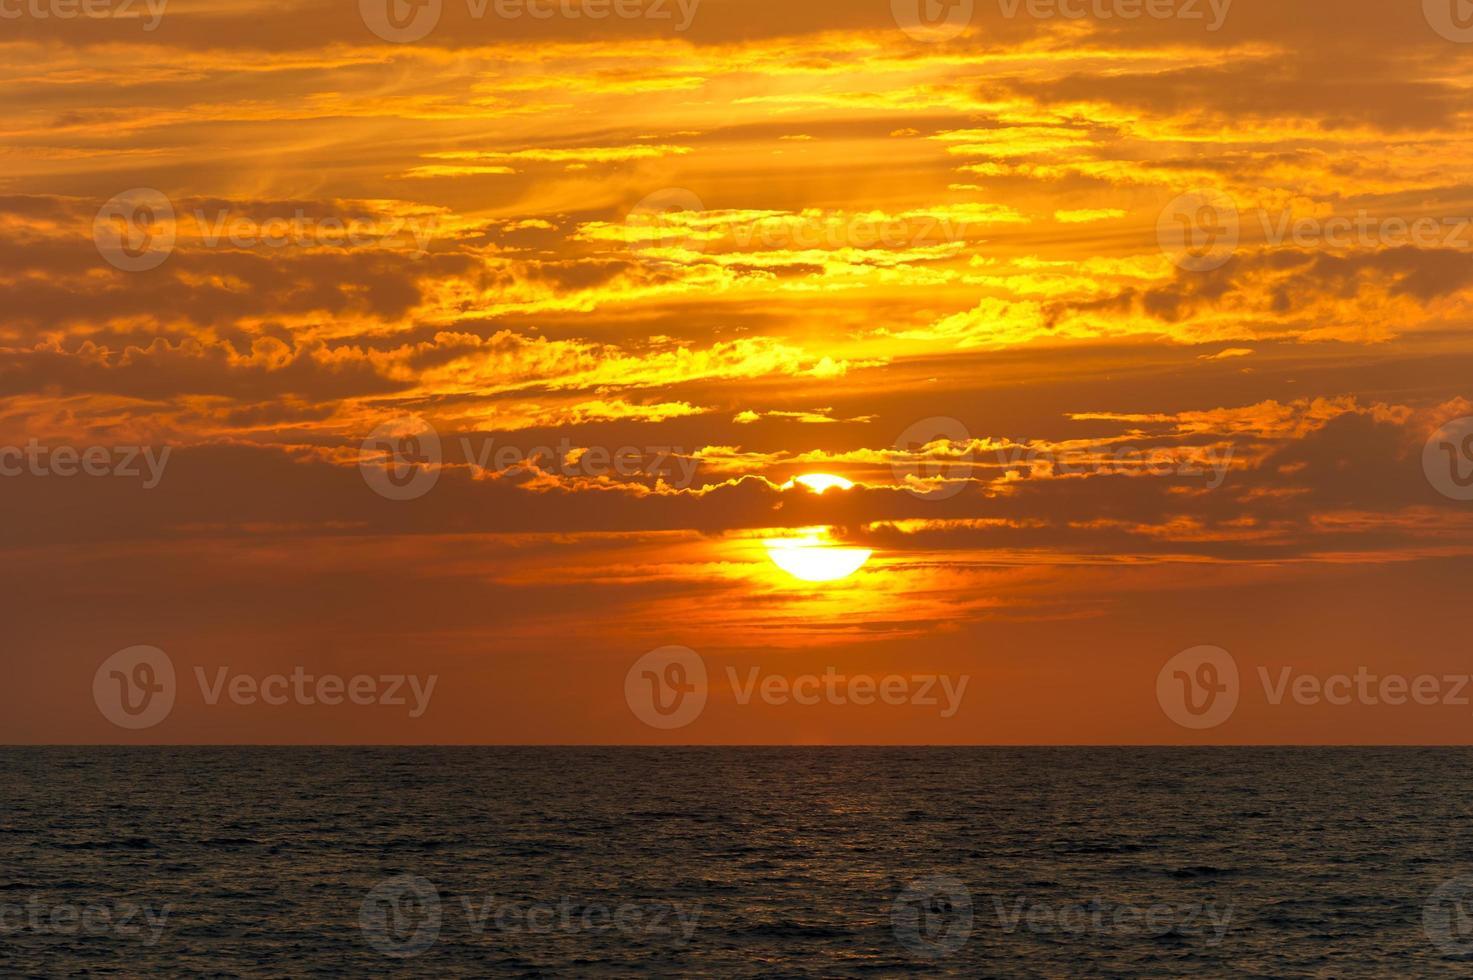 Sonnenuntergang Wolken Ozean foto